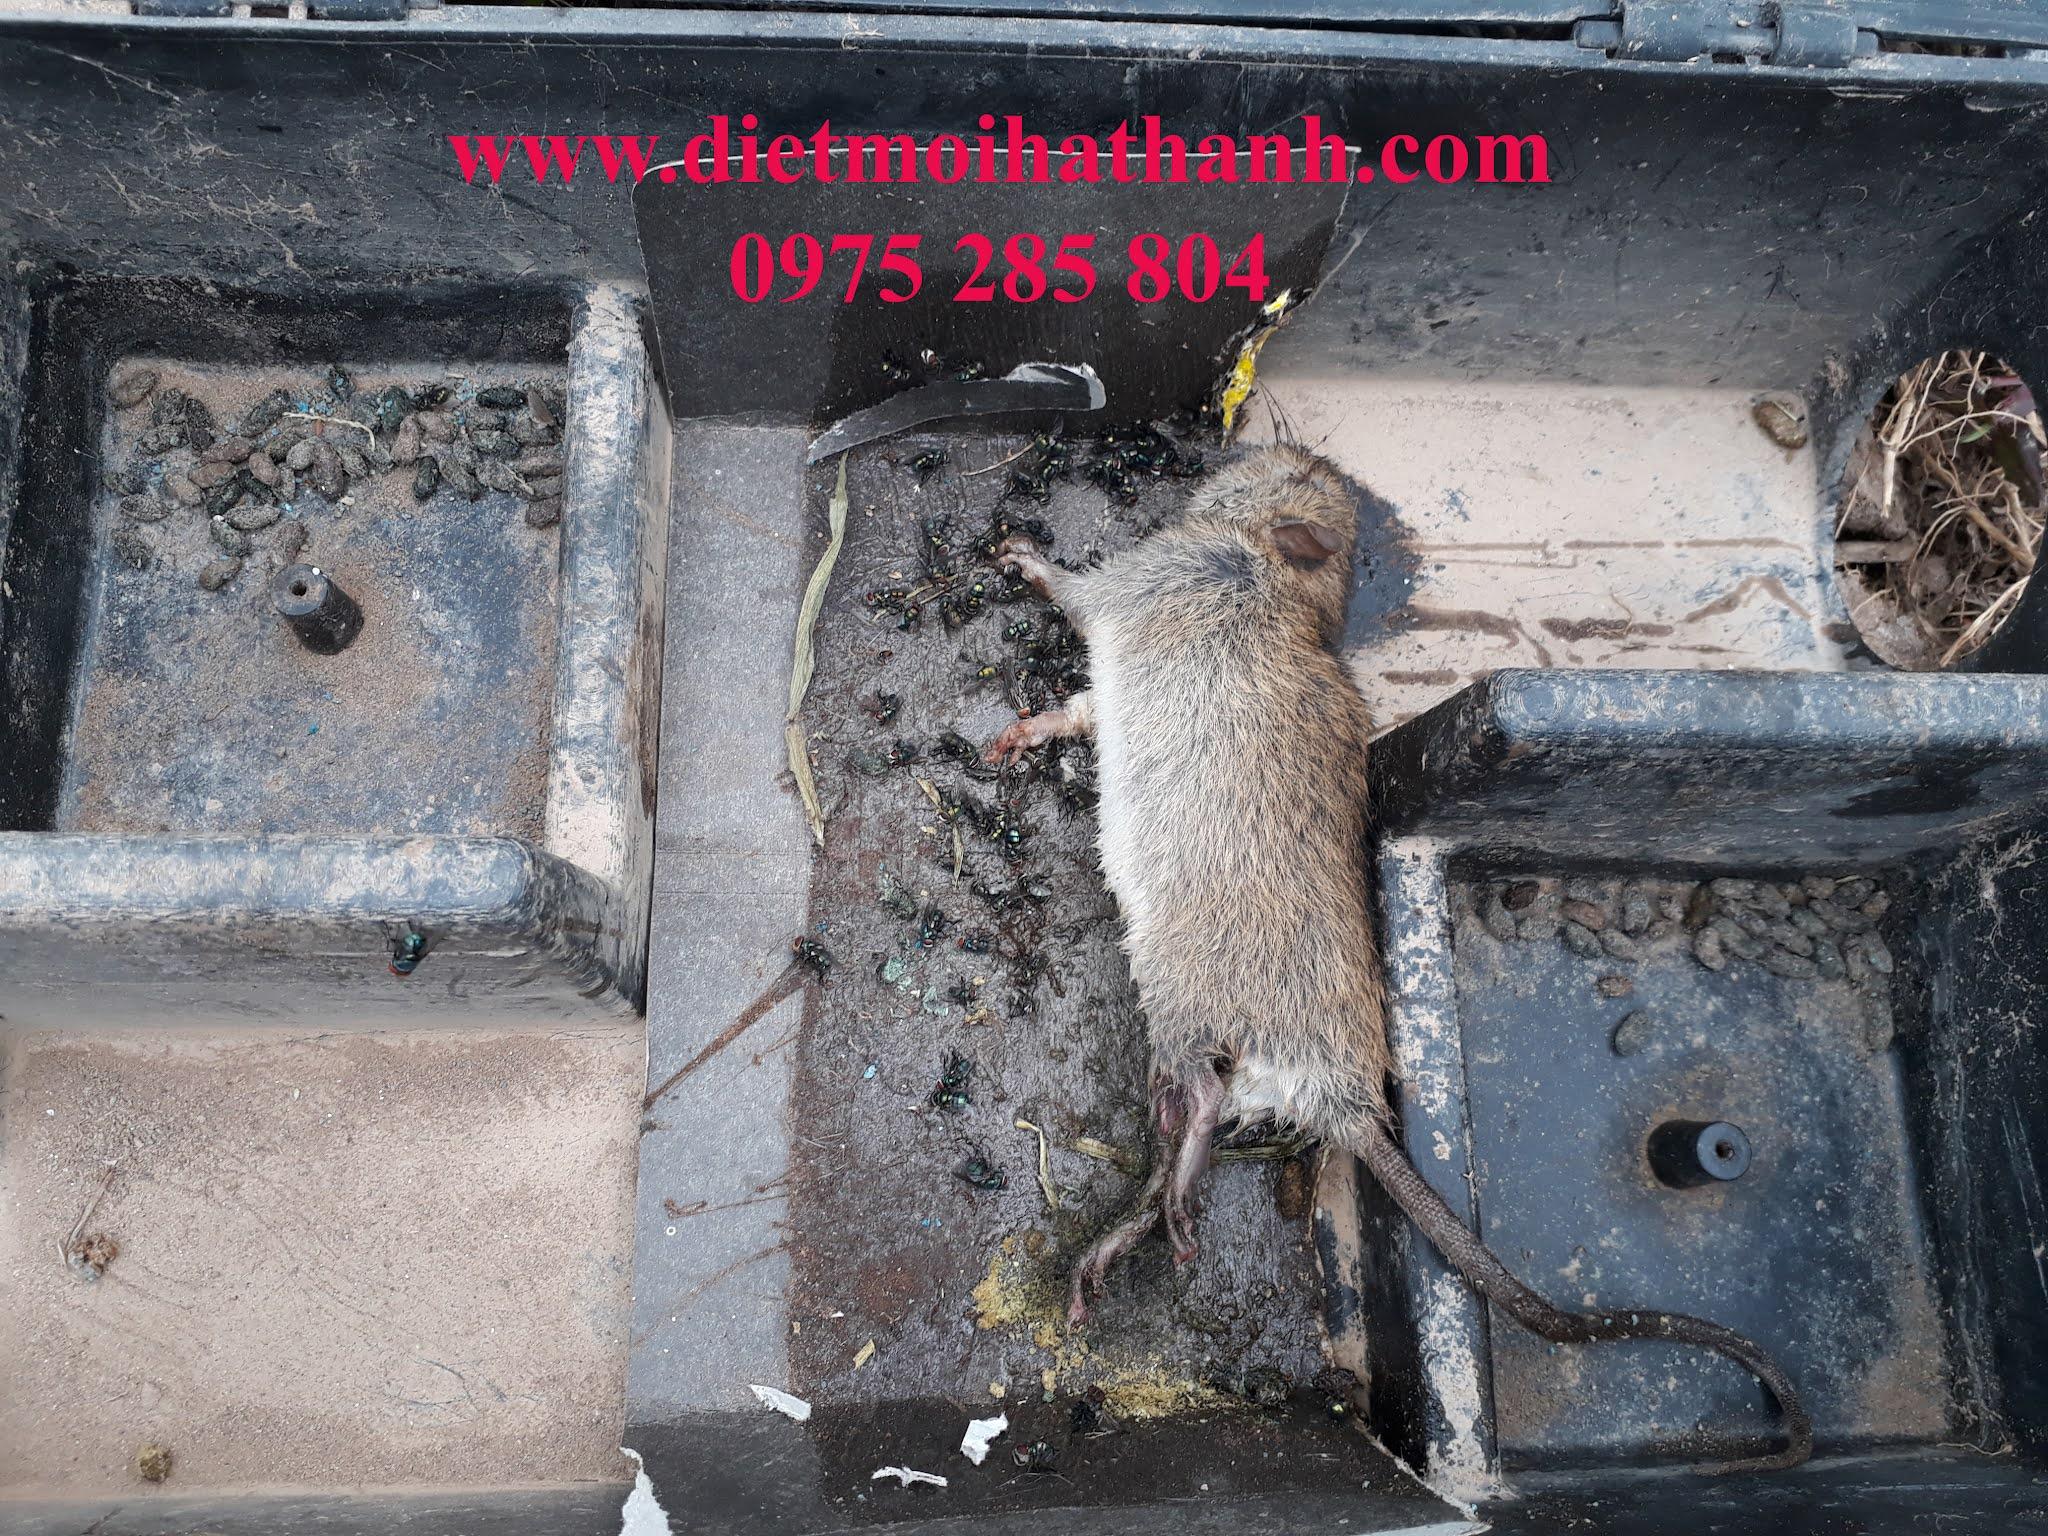 diệt chuột tại bắc ninh